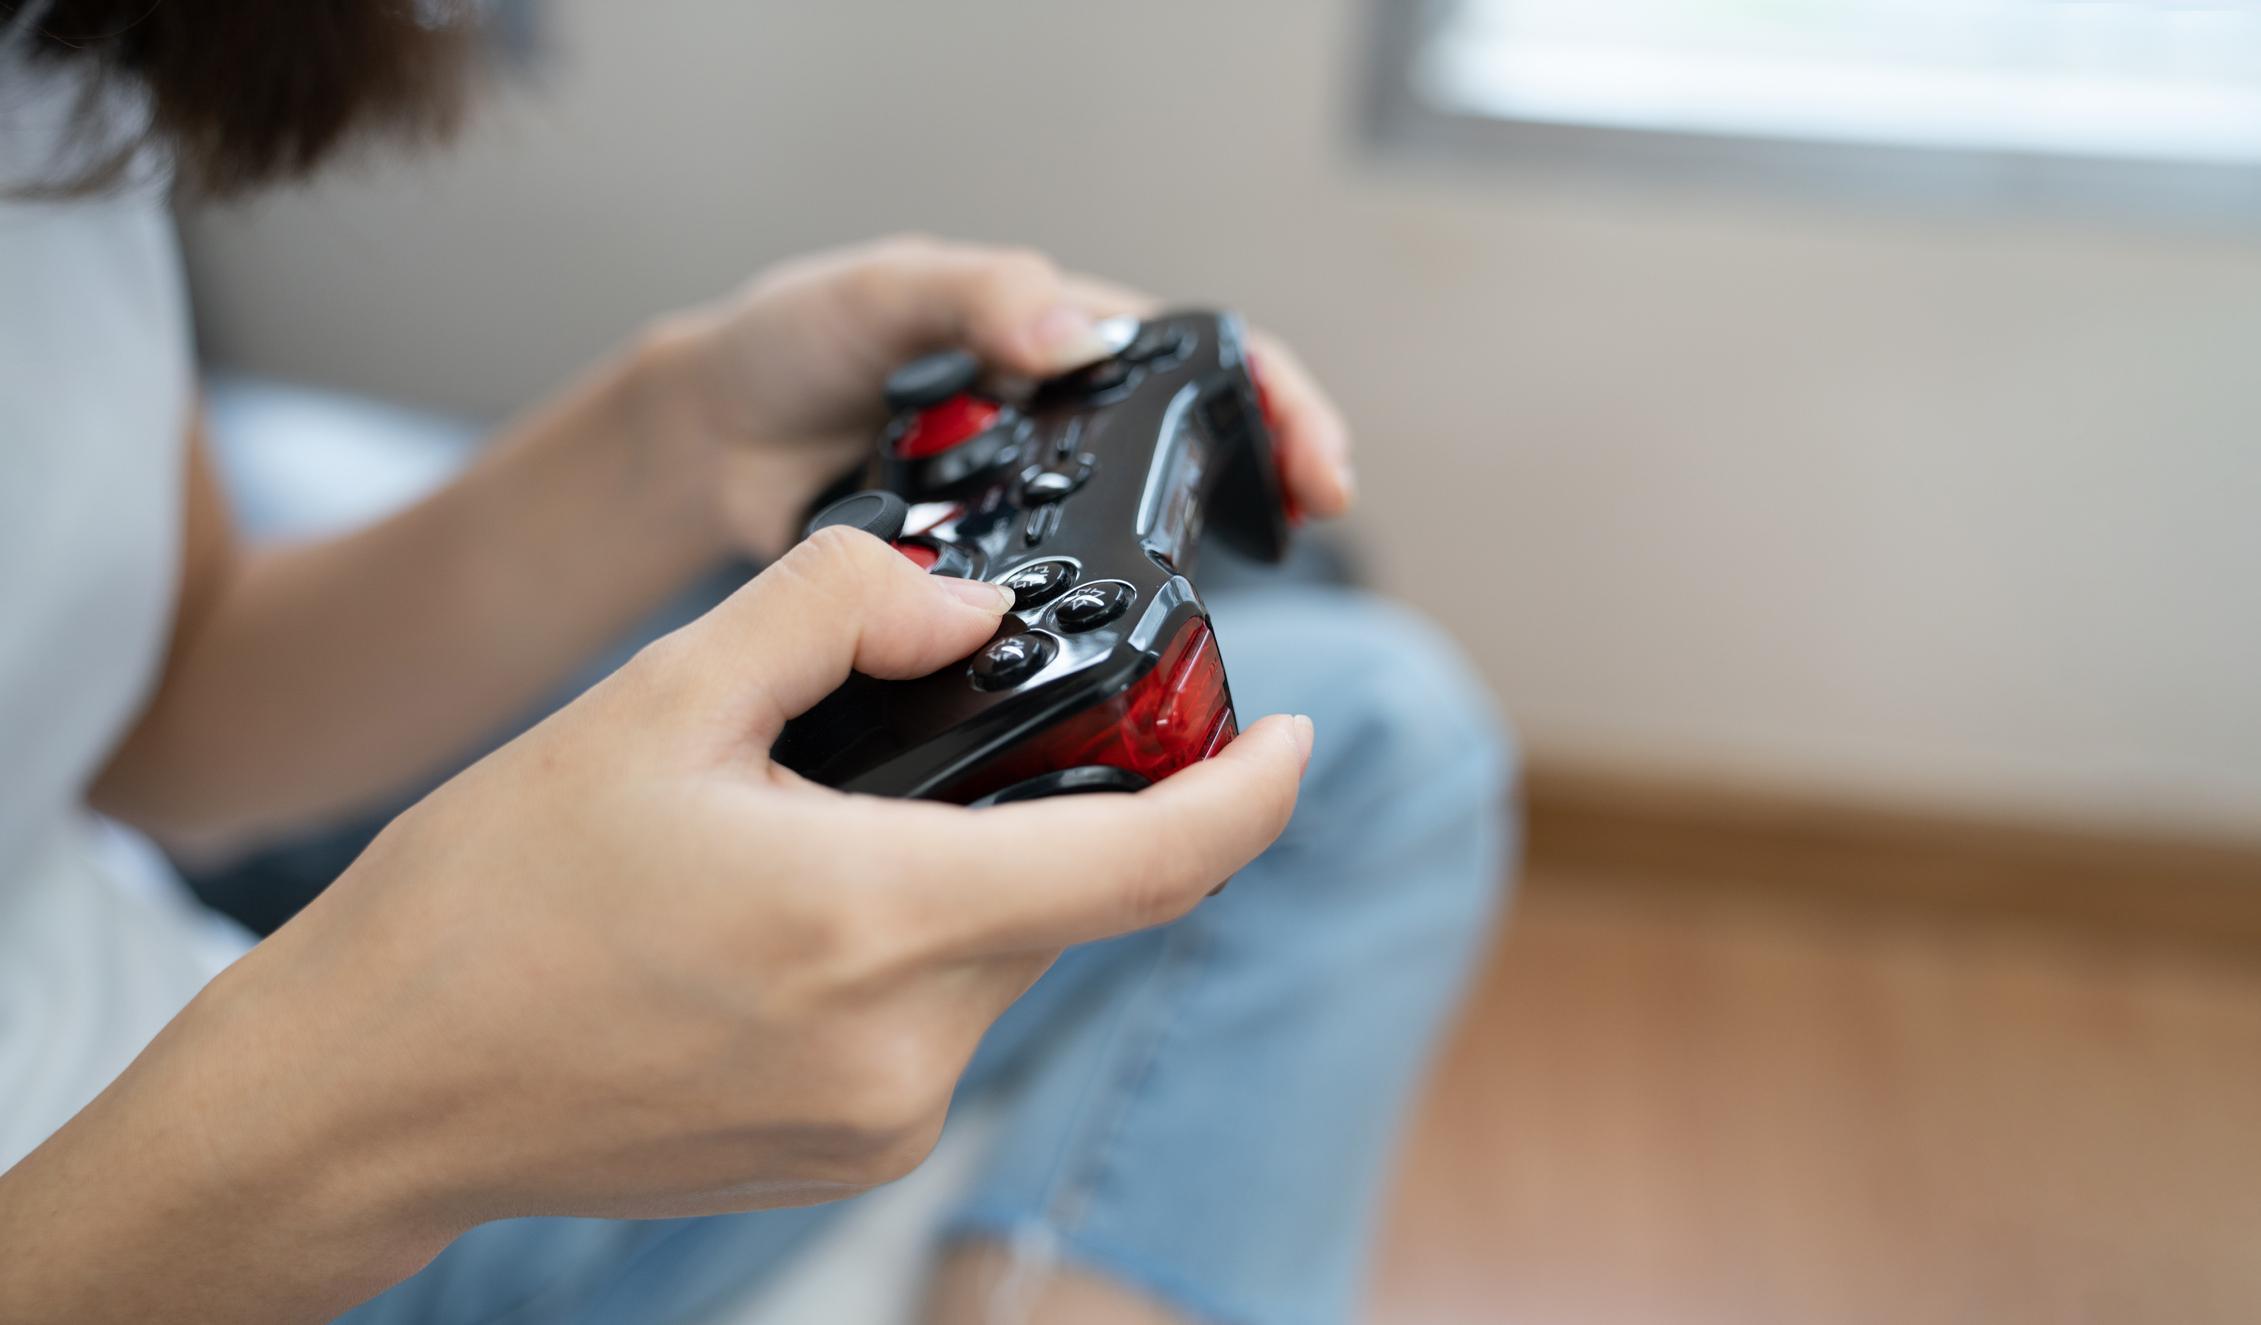 Industria jocurilor video din România a înregistrat o creştere accelerată, în ultimele luni